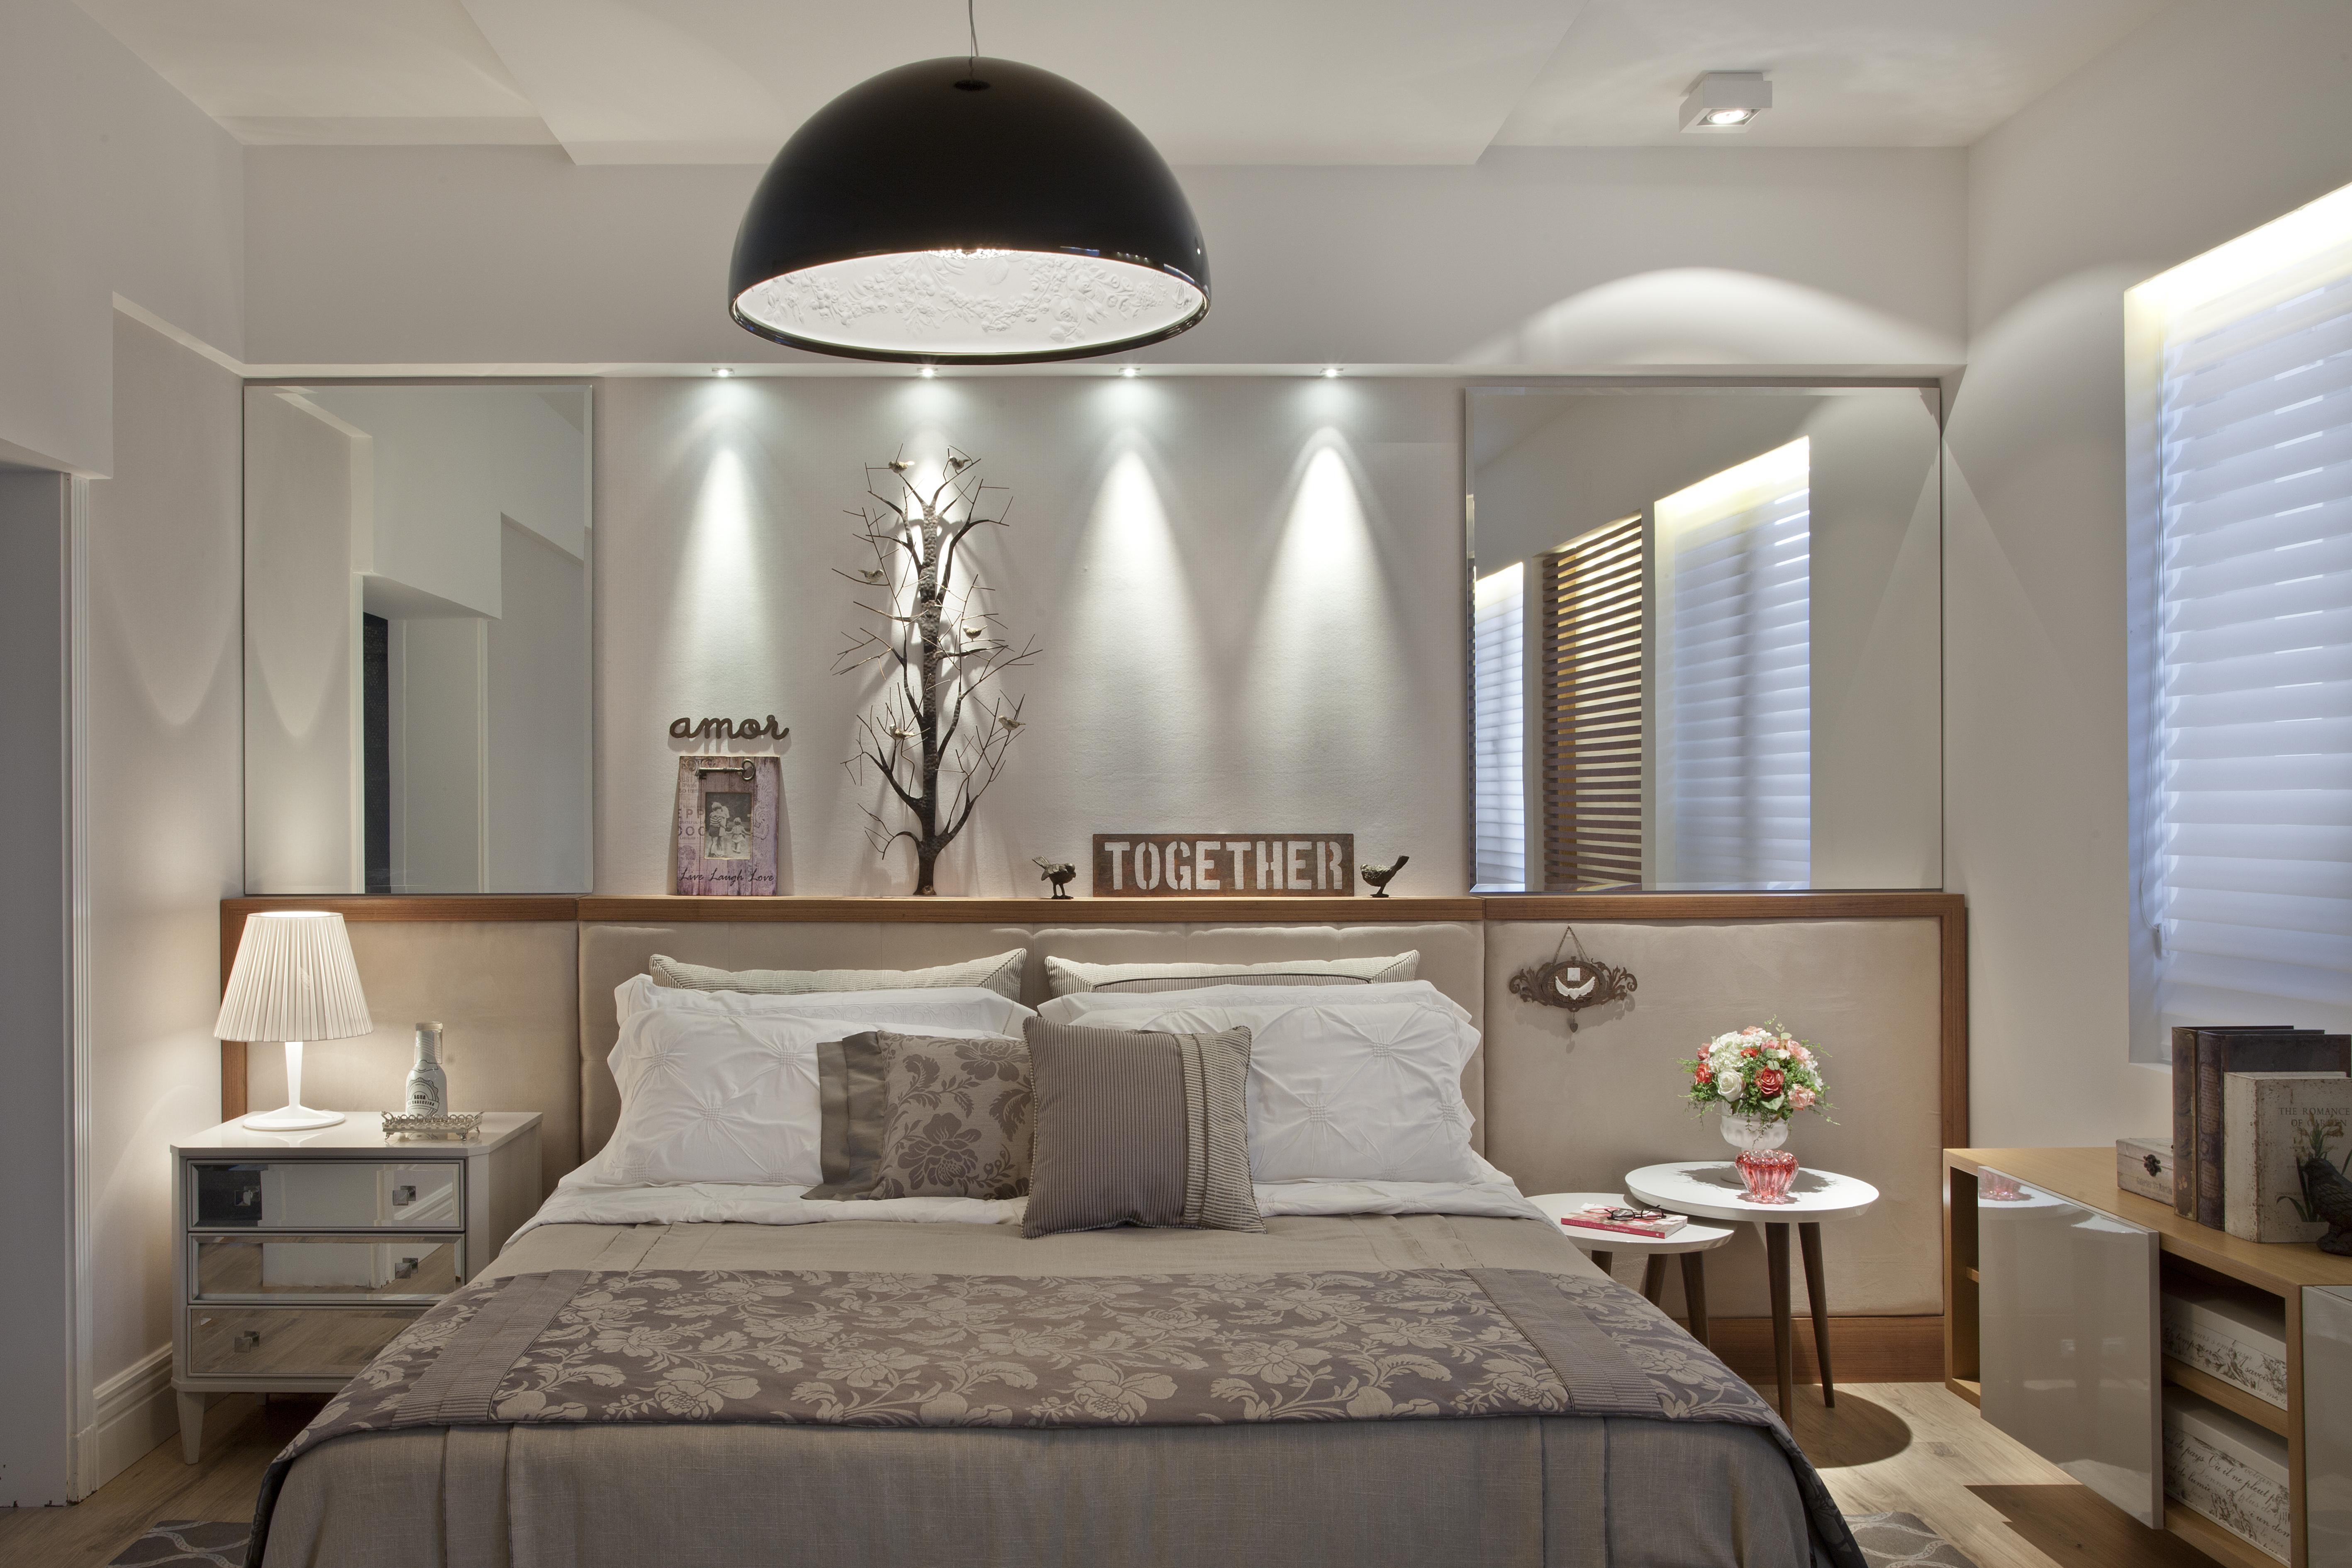 dicas de cortinas para decorar o quarto BLOG & DECOREBLOG & DECORE #5D4D40 5669x3780